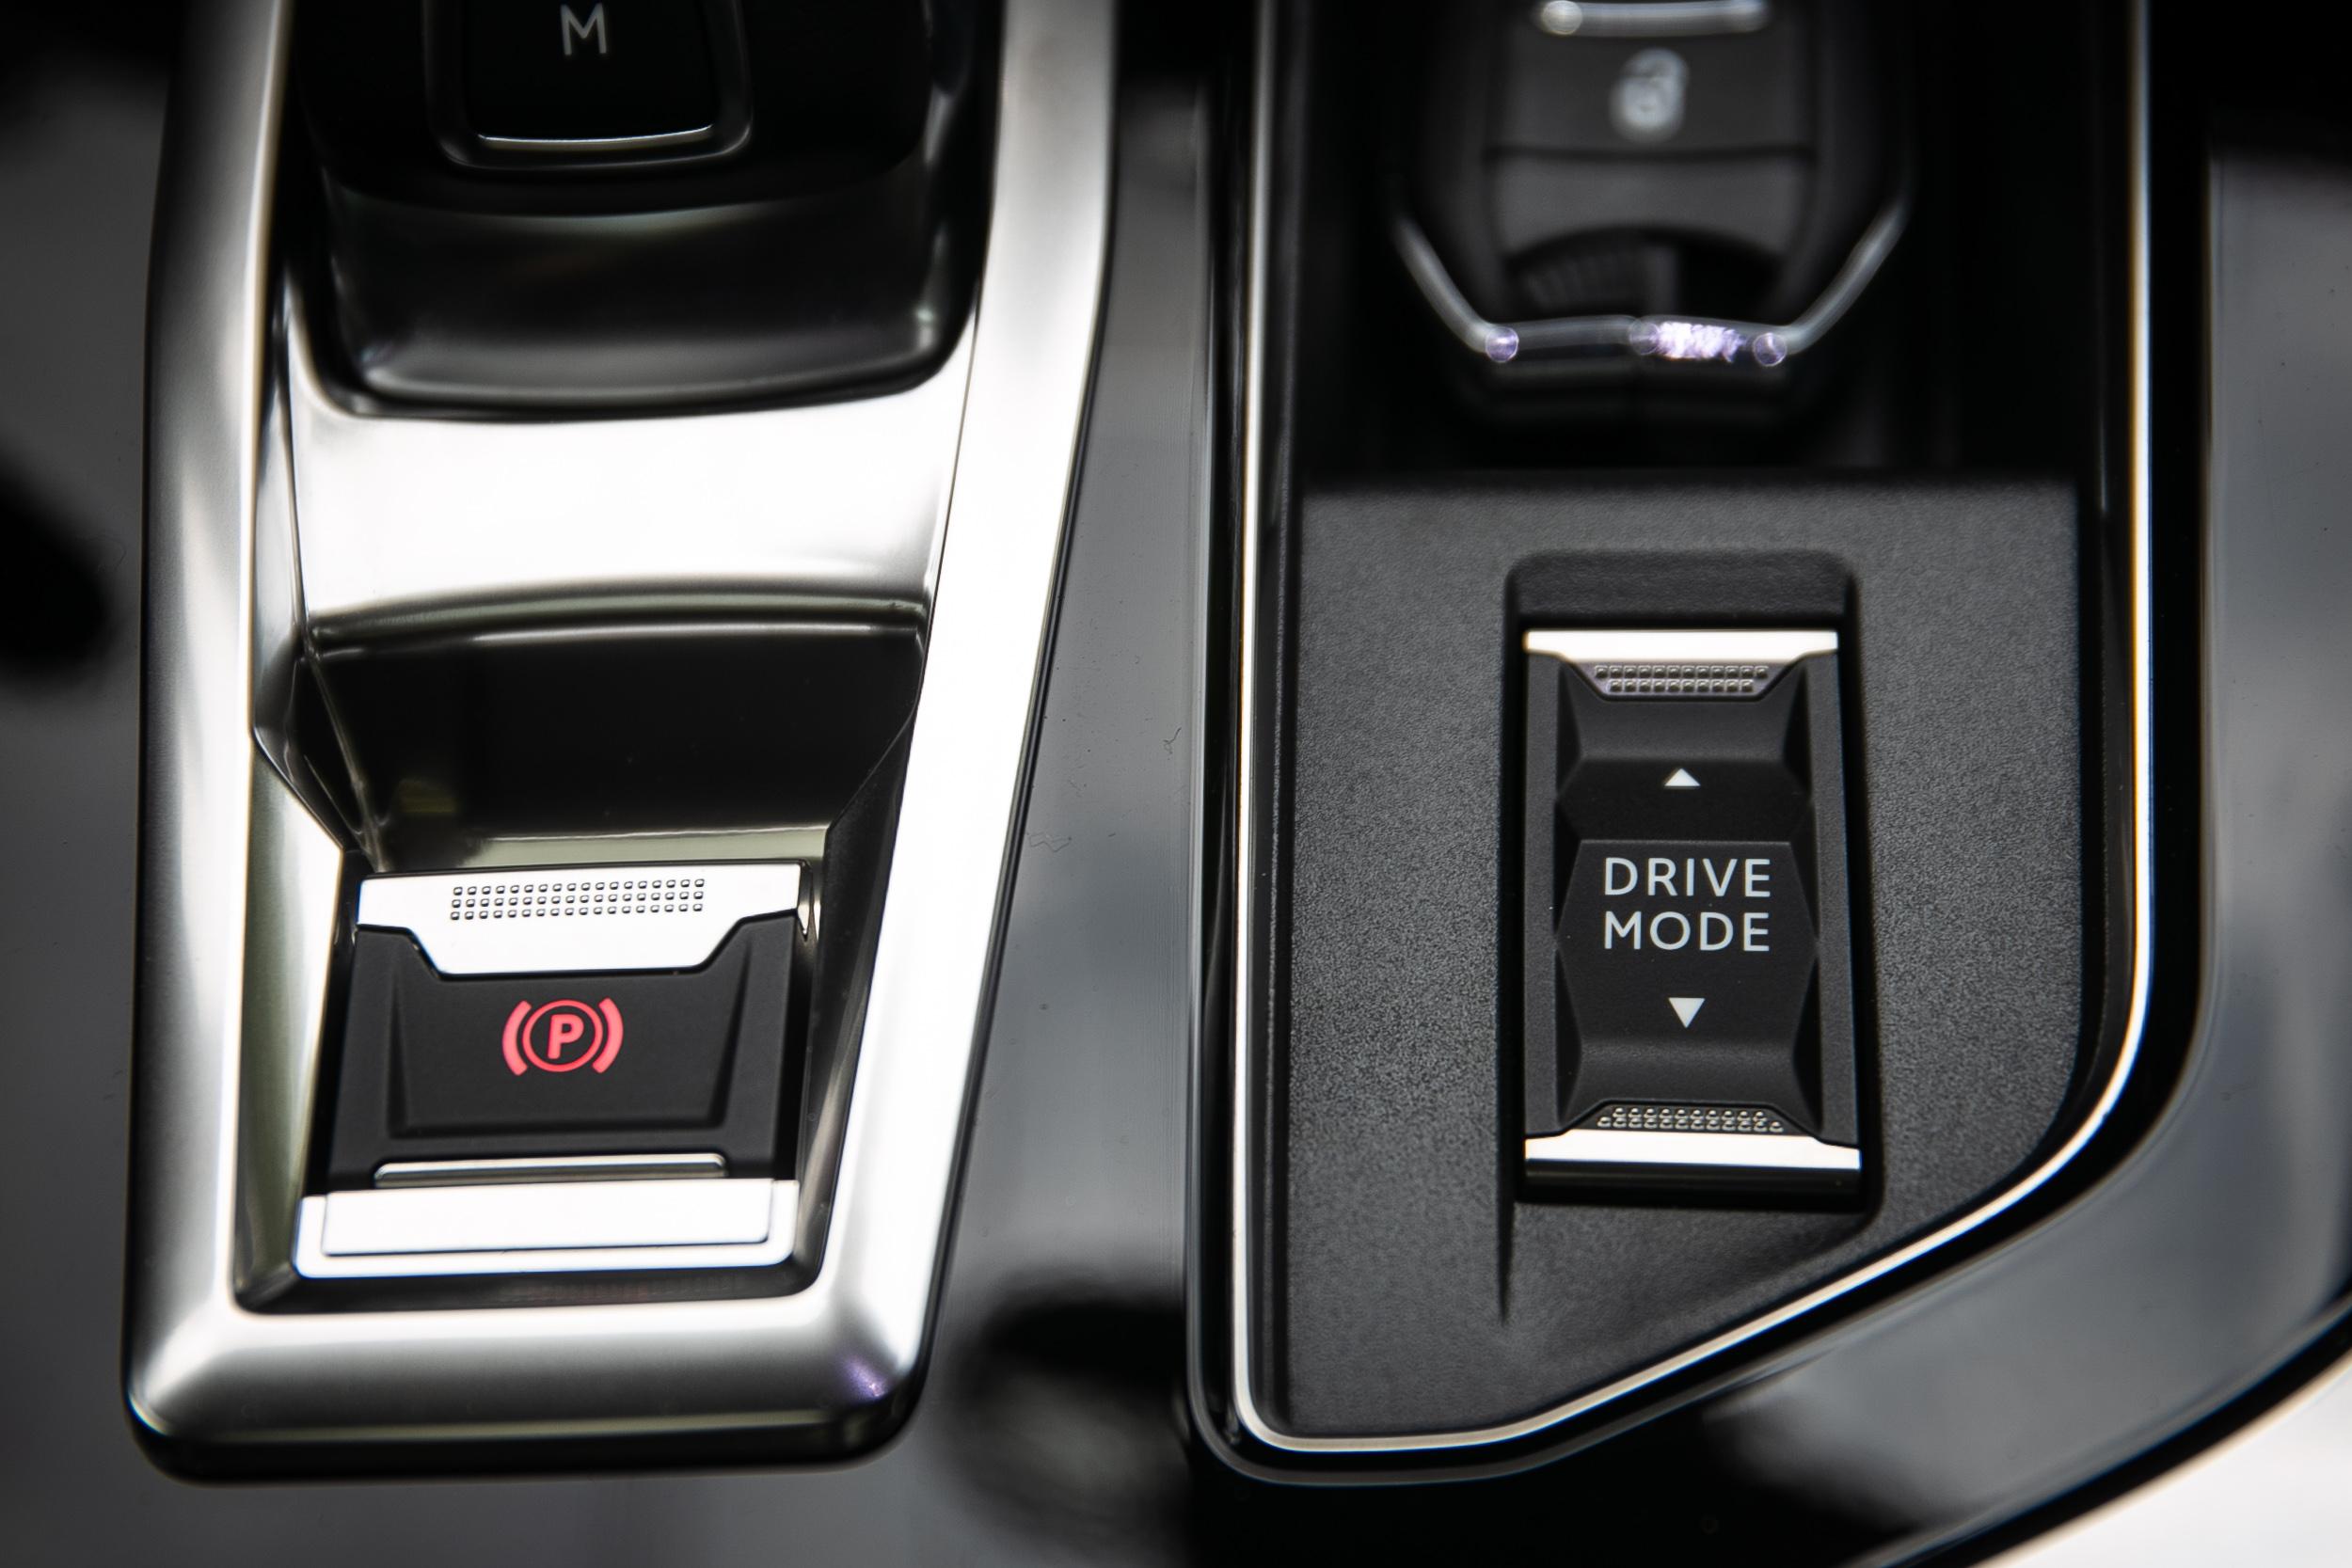 提供三種動力模式切換功能,讓動力輸出表現更為多元,可以適應不同開車環境。